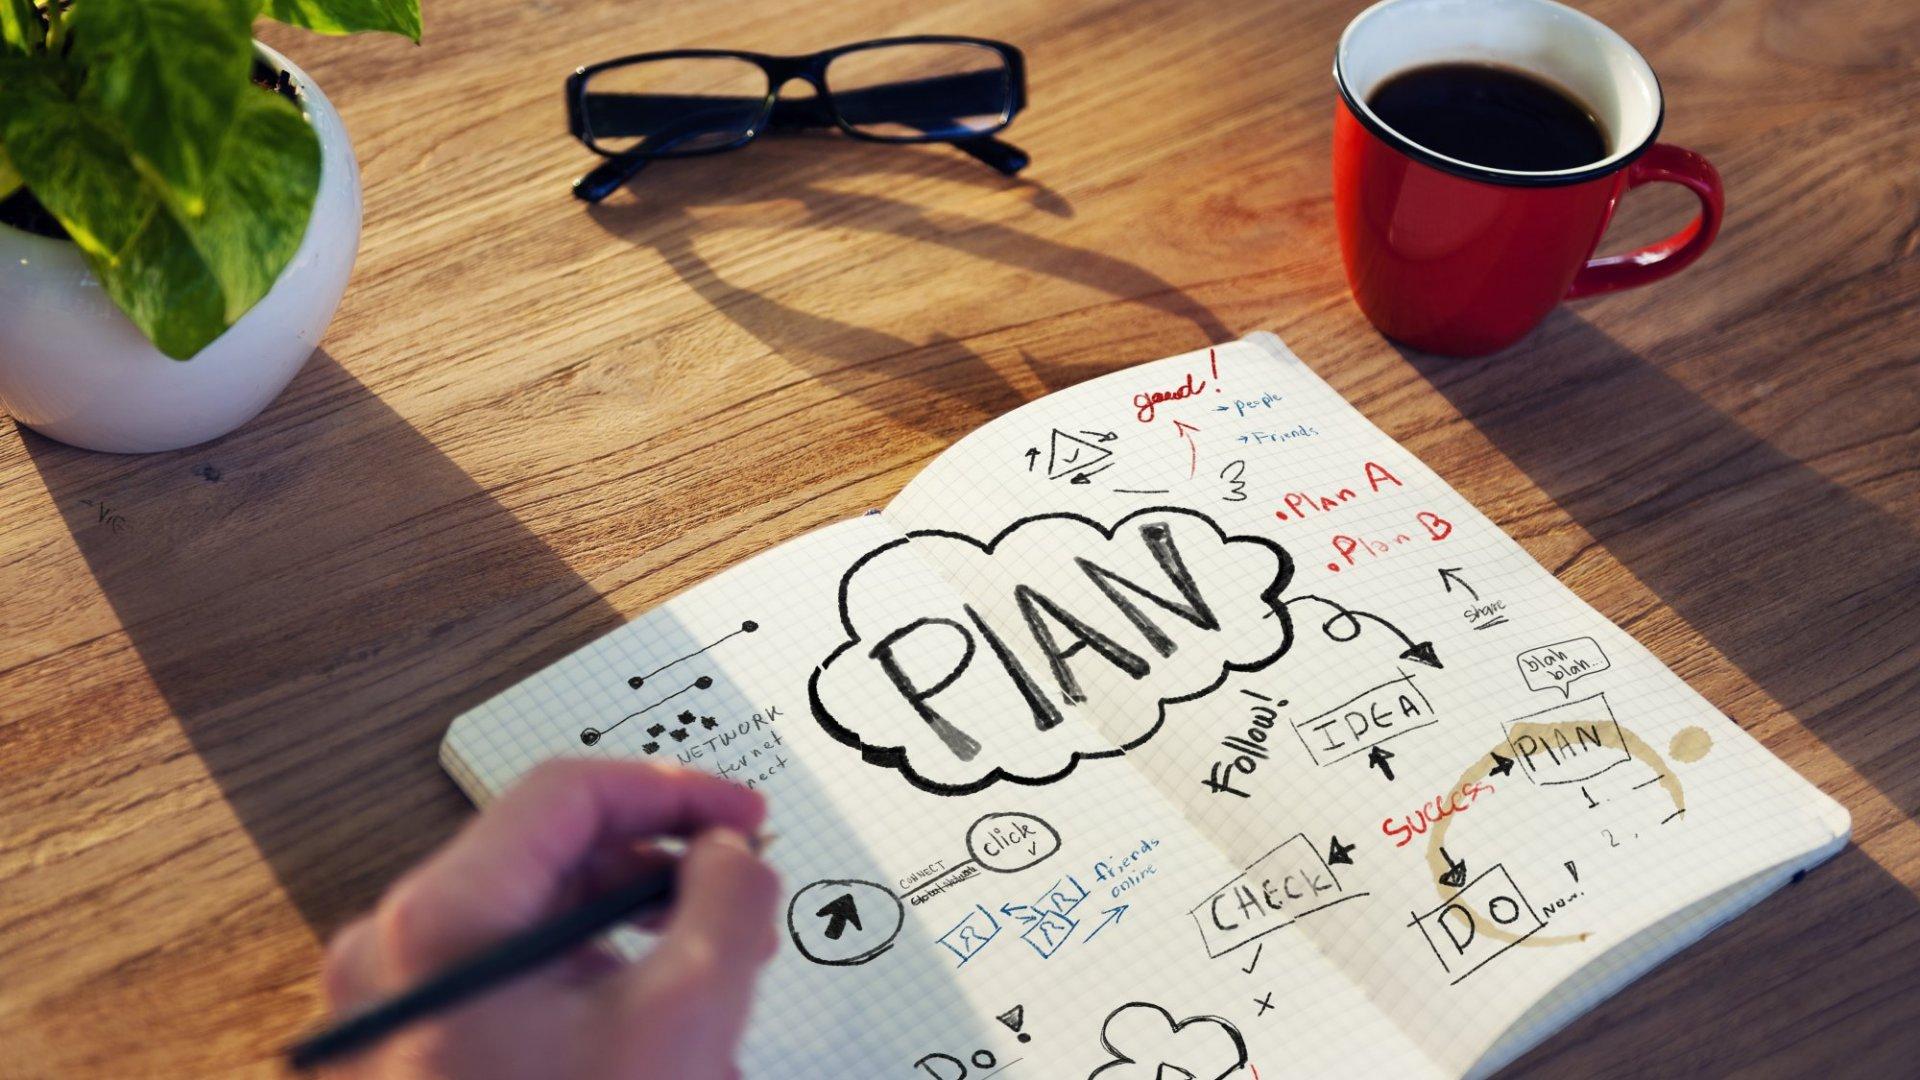 Bad ideas help us plan